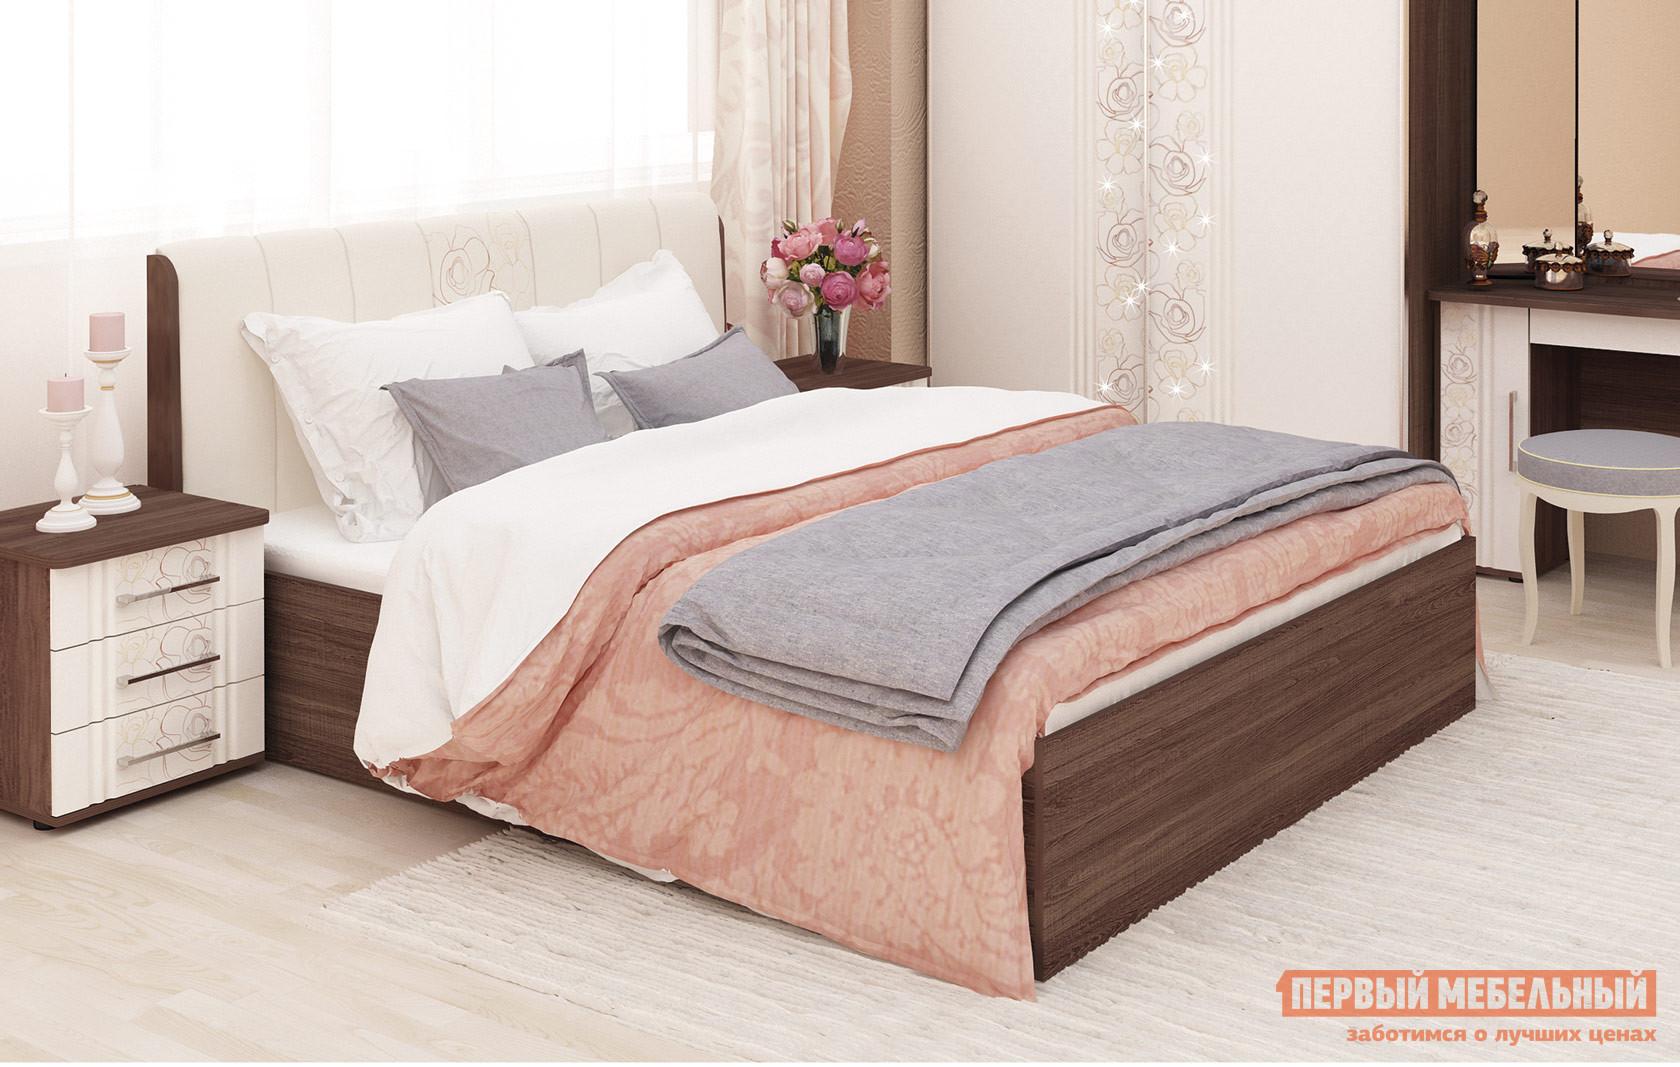 Двуспальная кровать Витра 97.21 кровать витра 54 11